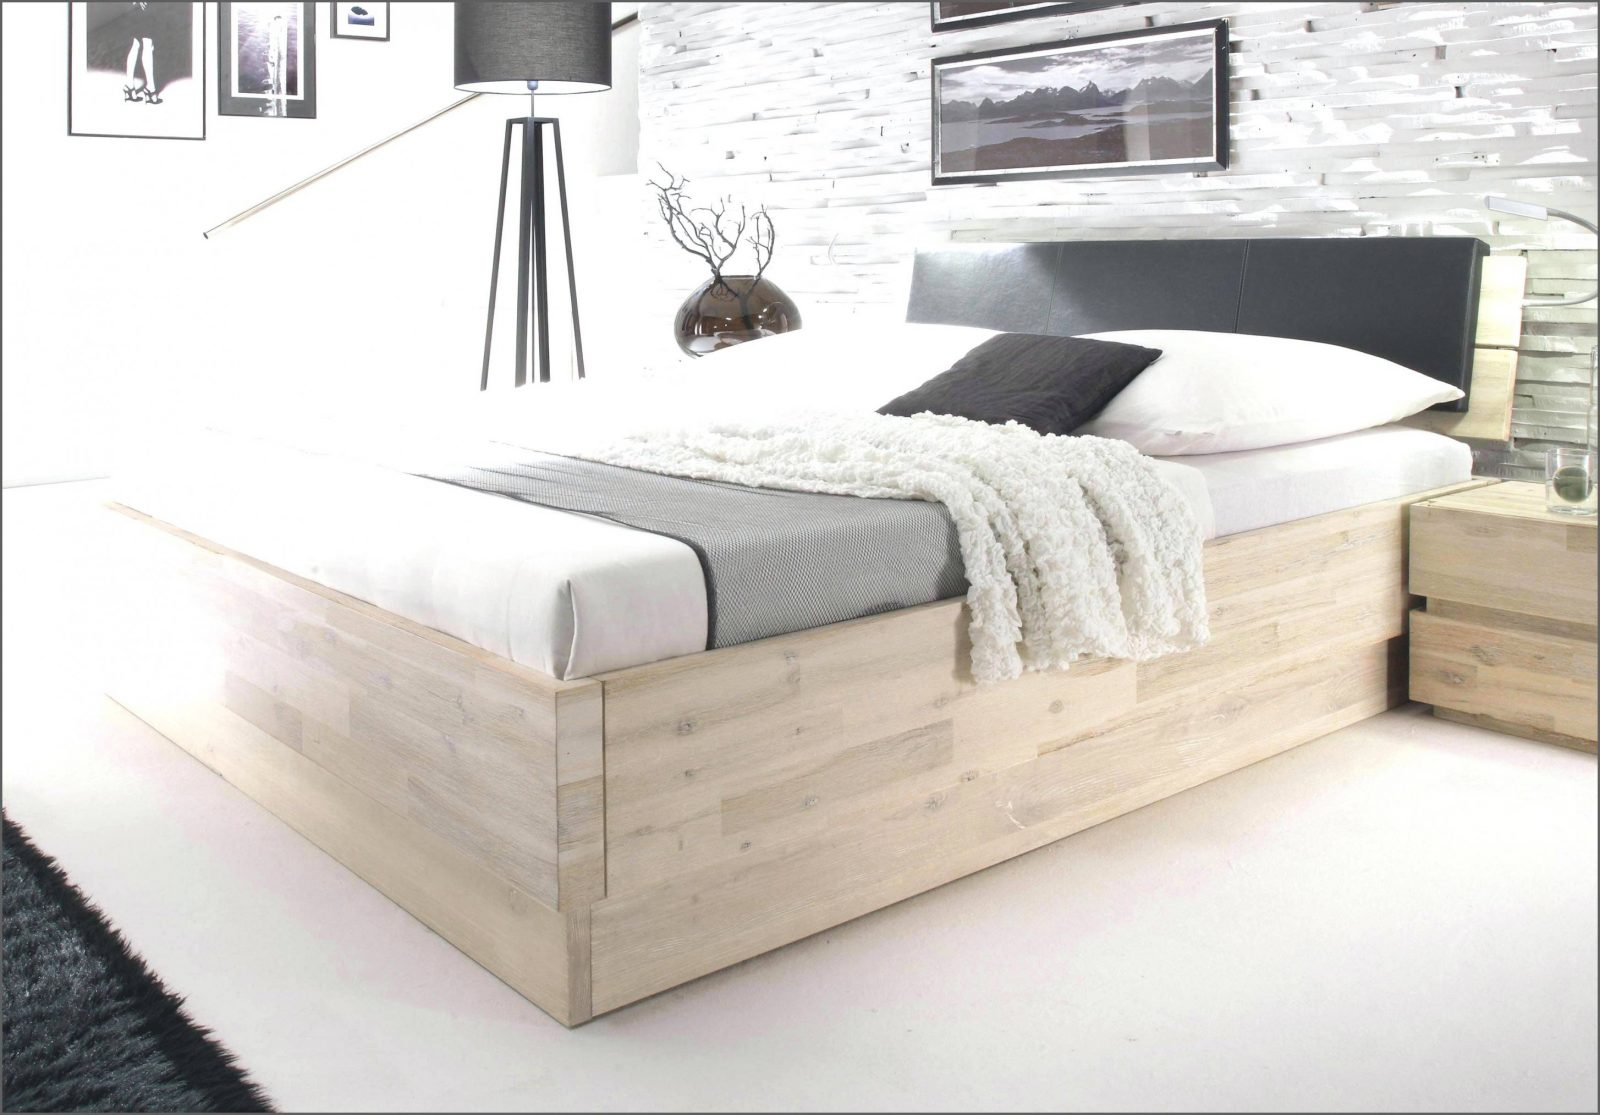 Beste 40 Polsterbett 180X200 Mit Bettkasten Komforthöhe Konzept von Polsterbett 180X200 Mit Bettkasten Komforthöhe Bild